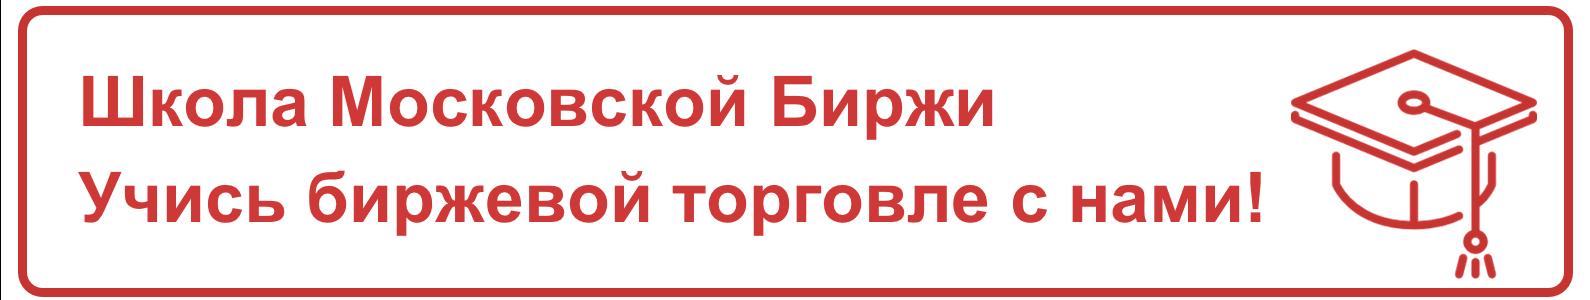 Школа Московской Биржи'